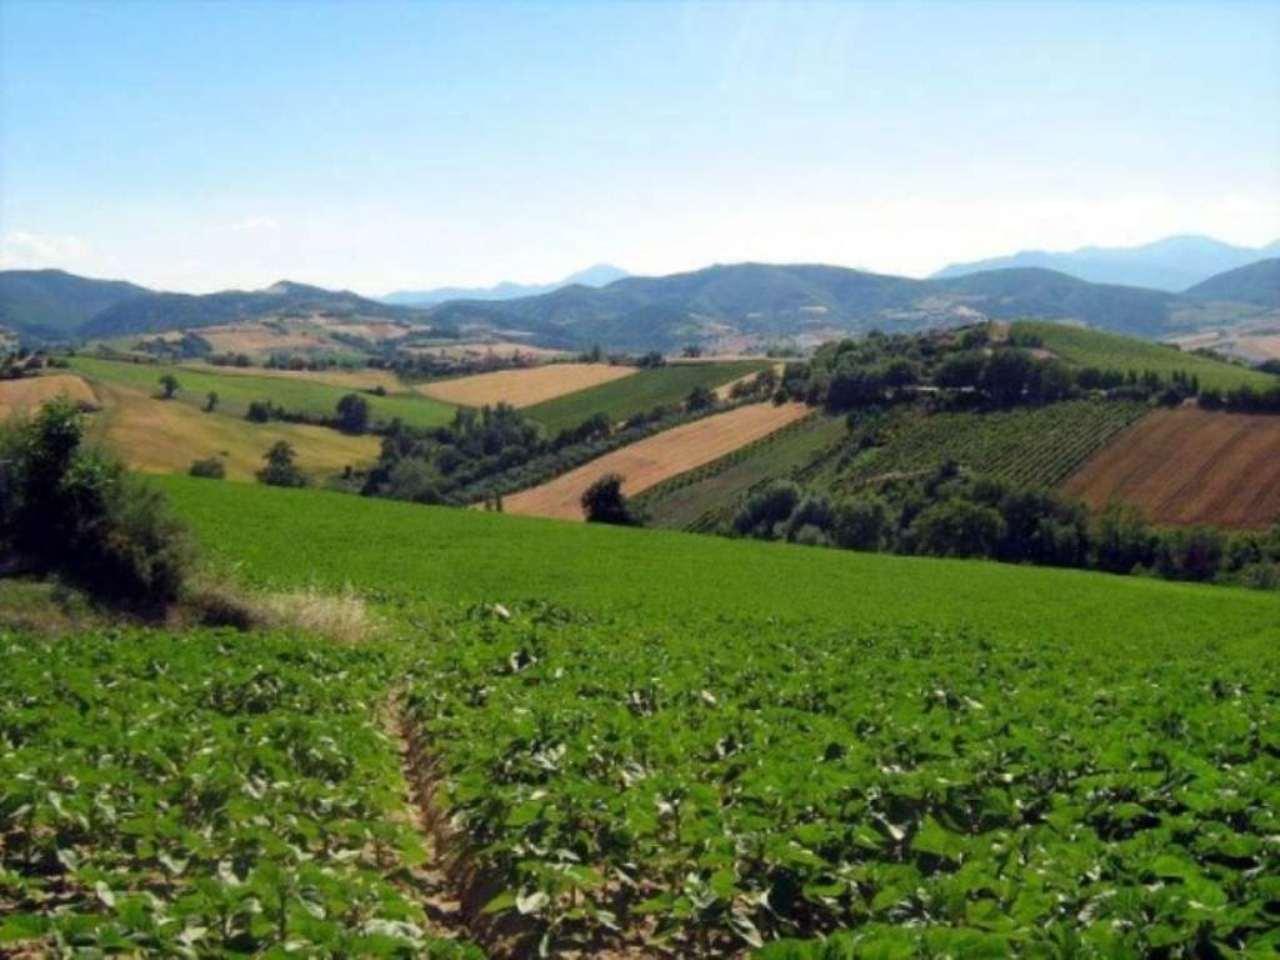 Terreno Agricolo in vendita a Calcinato, 9999 locali, prezzo € 110.000 | Cambio Casa.it